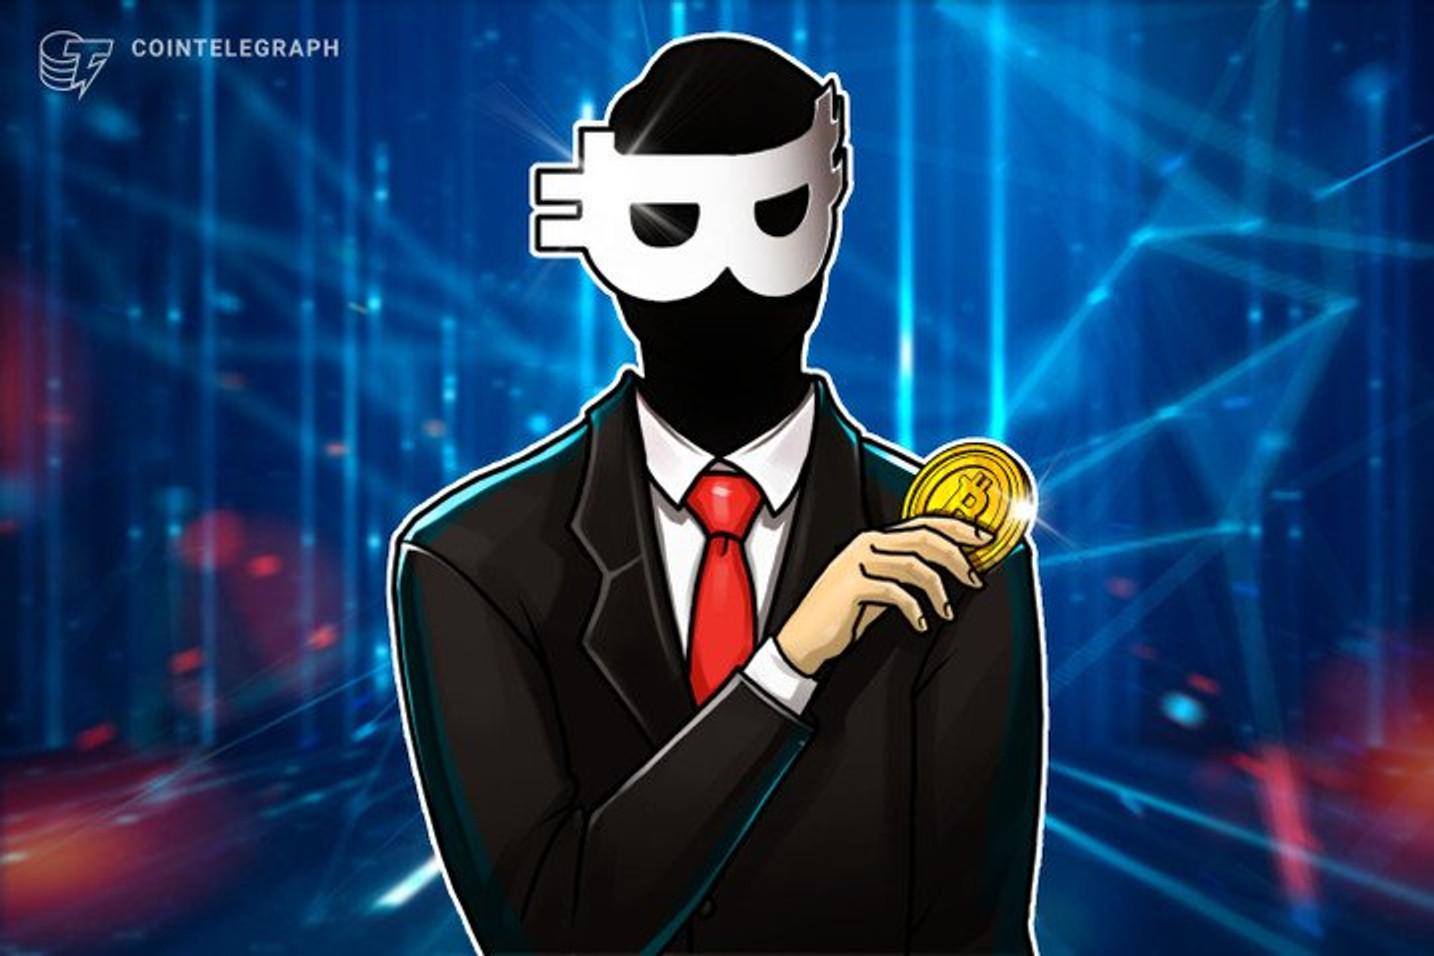 Advogado minerou 8550 Bitcoin de janeiro a fevereiro de 2009 e Satoshi agradeceu sua contribuição ao BTC